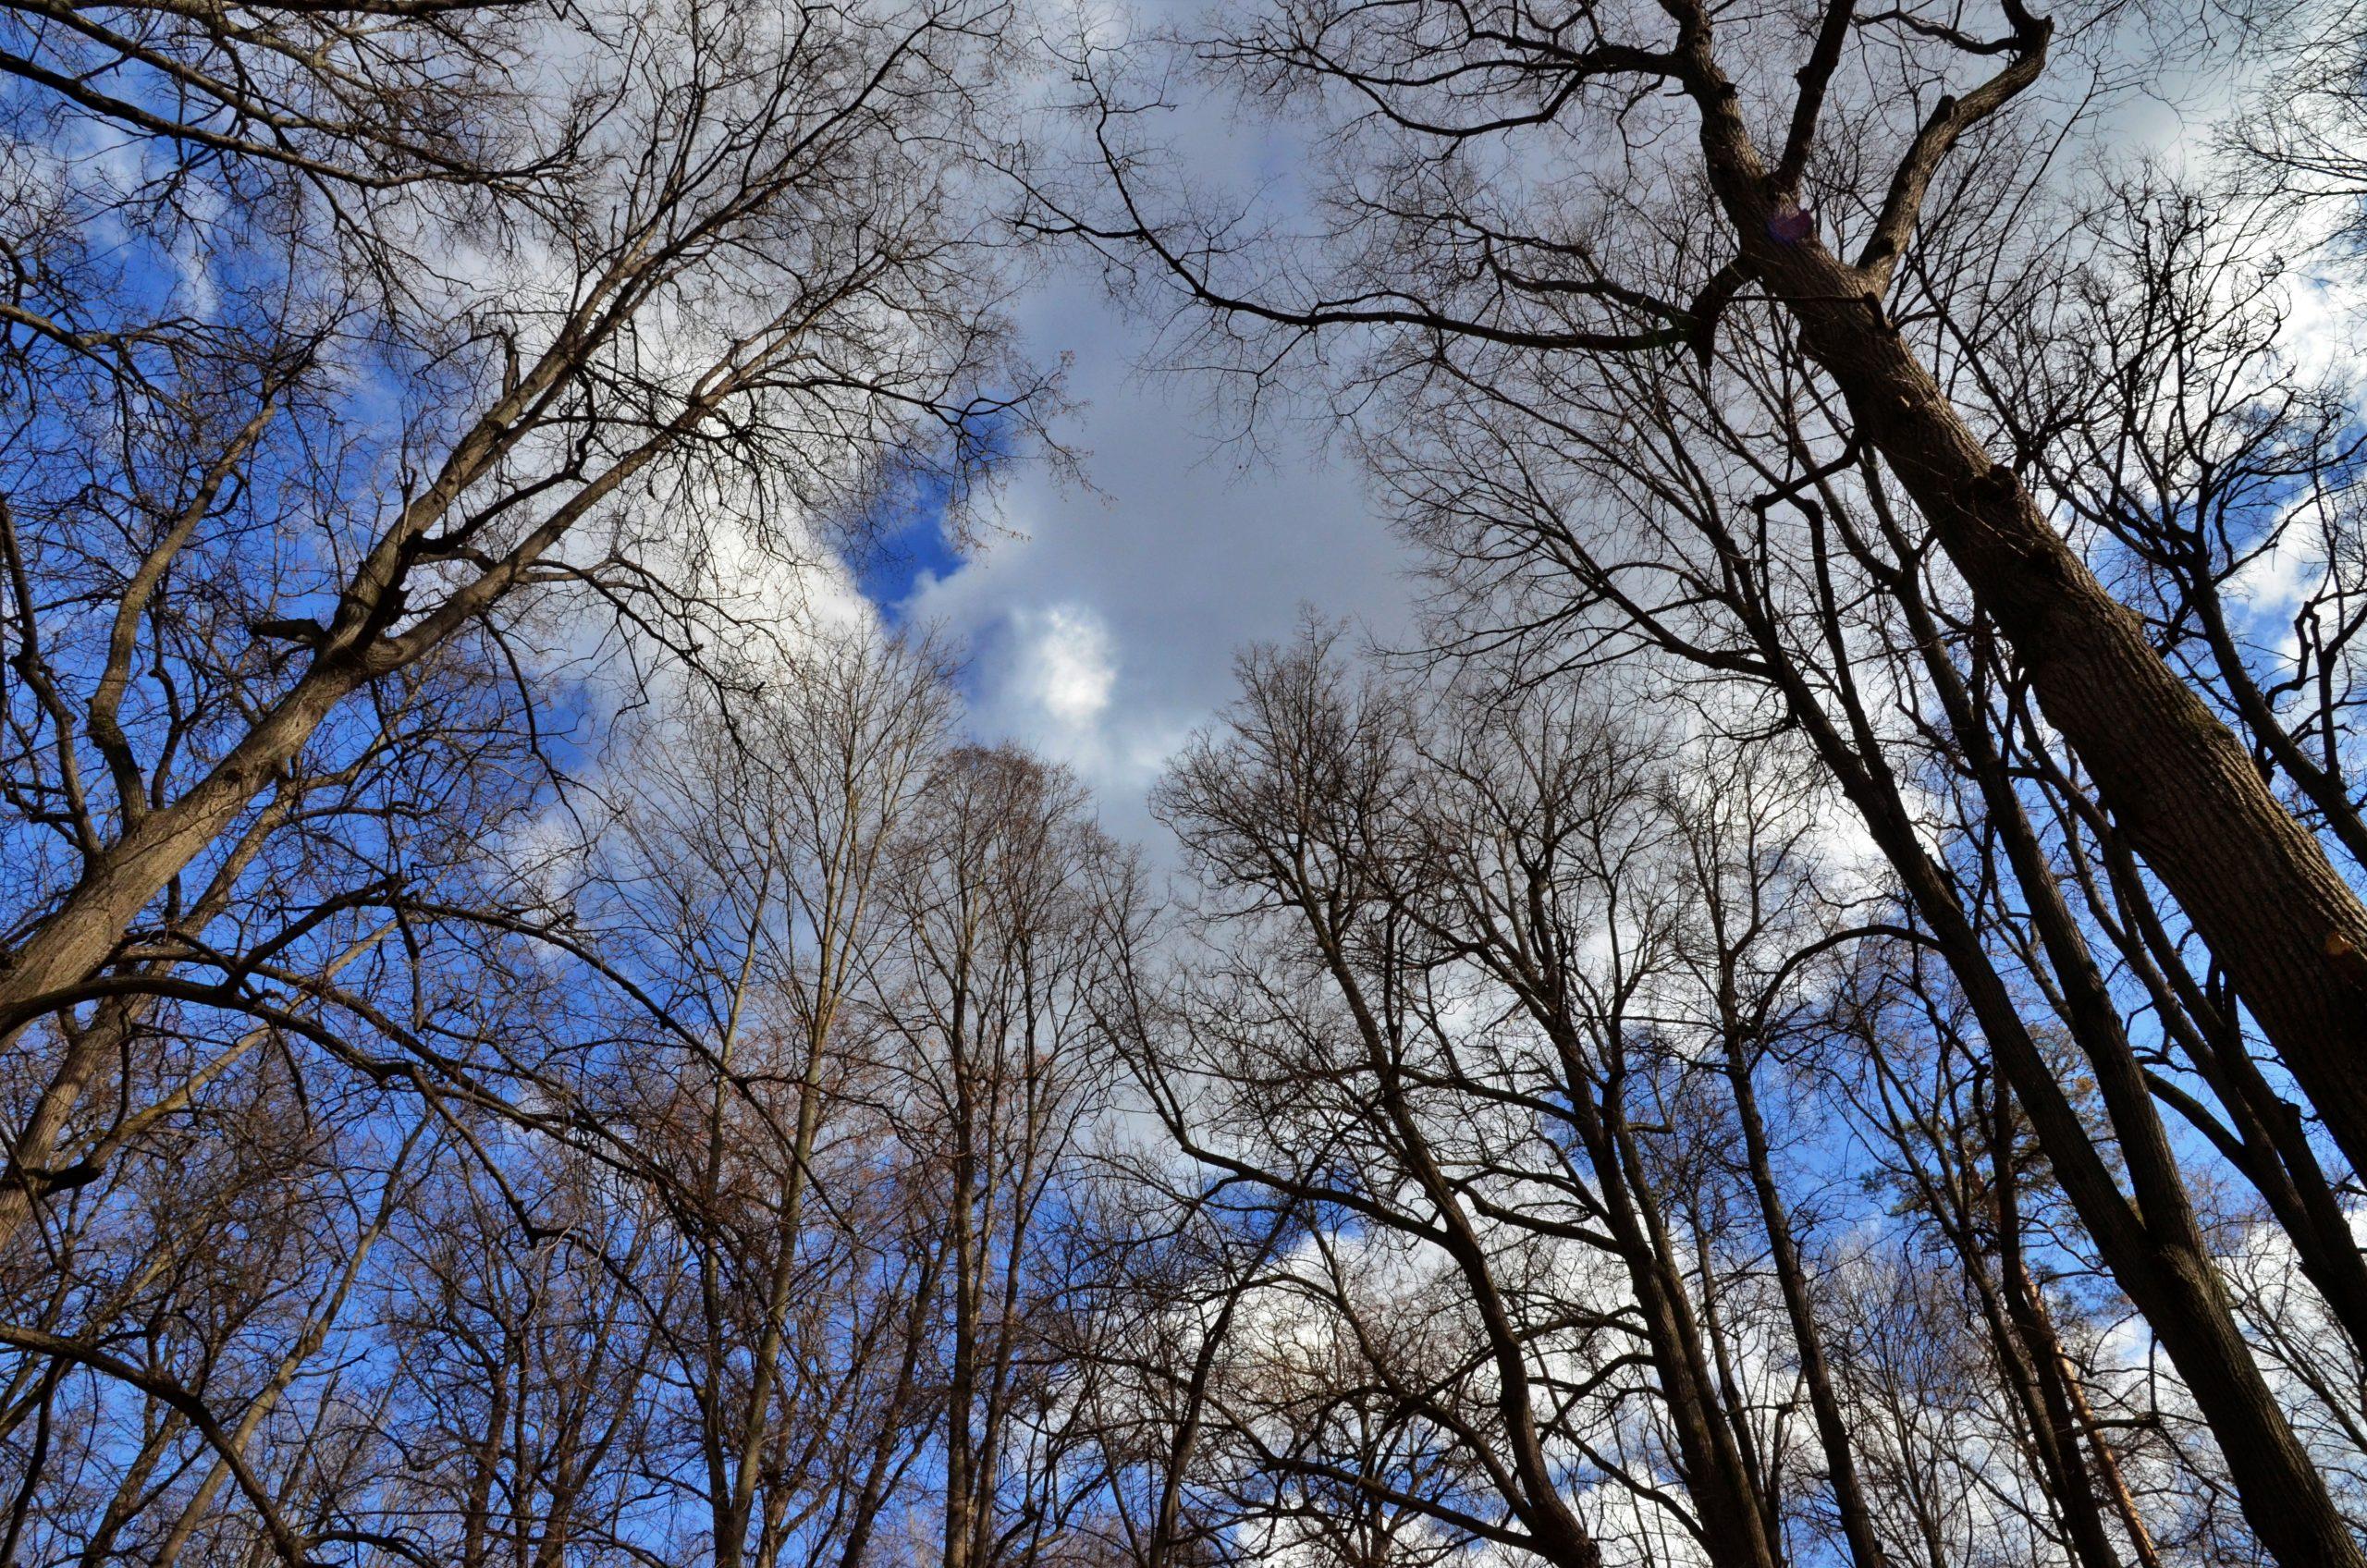 Метеорологи рассказали о погоде в Москве 18 апреля